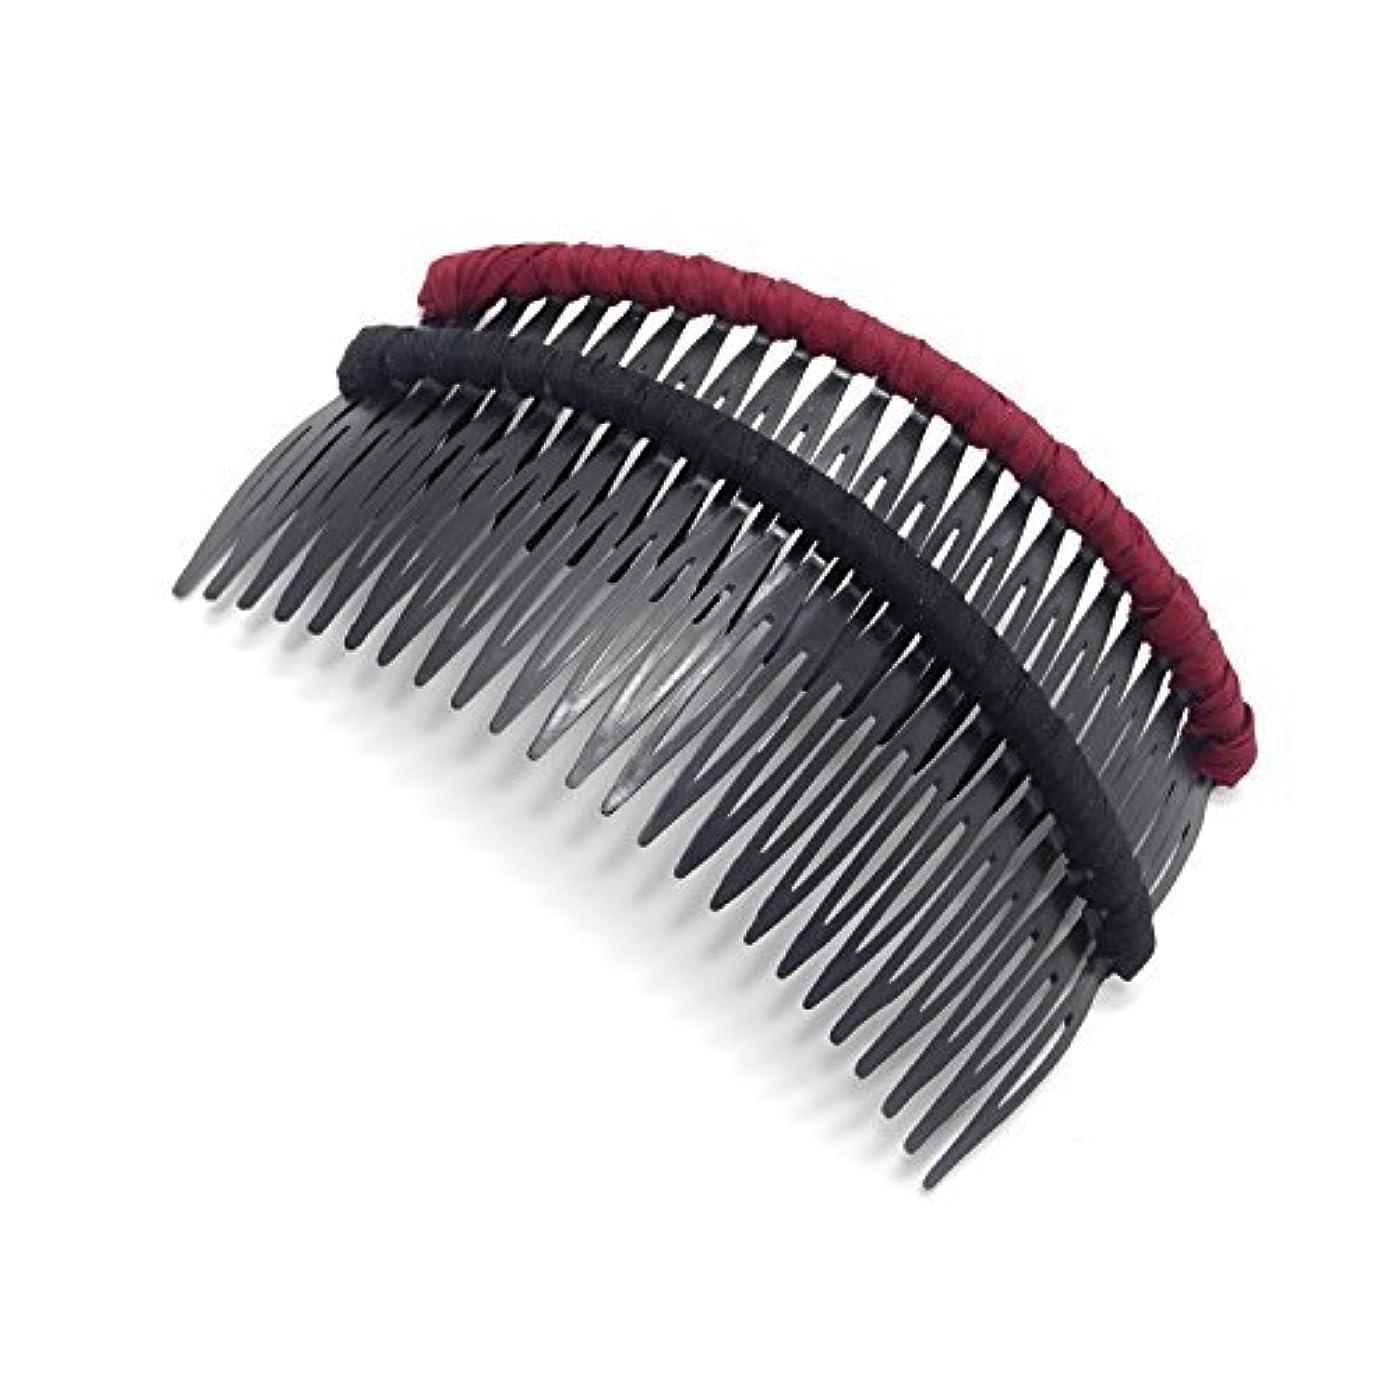 ミント低い韓国語Honbay 2 PCS Different Color 24 Teeth Plastic Hair Comb Tuck Comb Hair Clip Hair Accessory for Women and Girls...